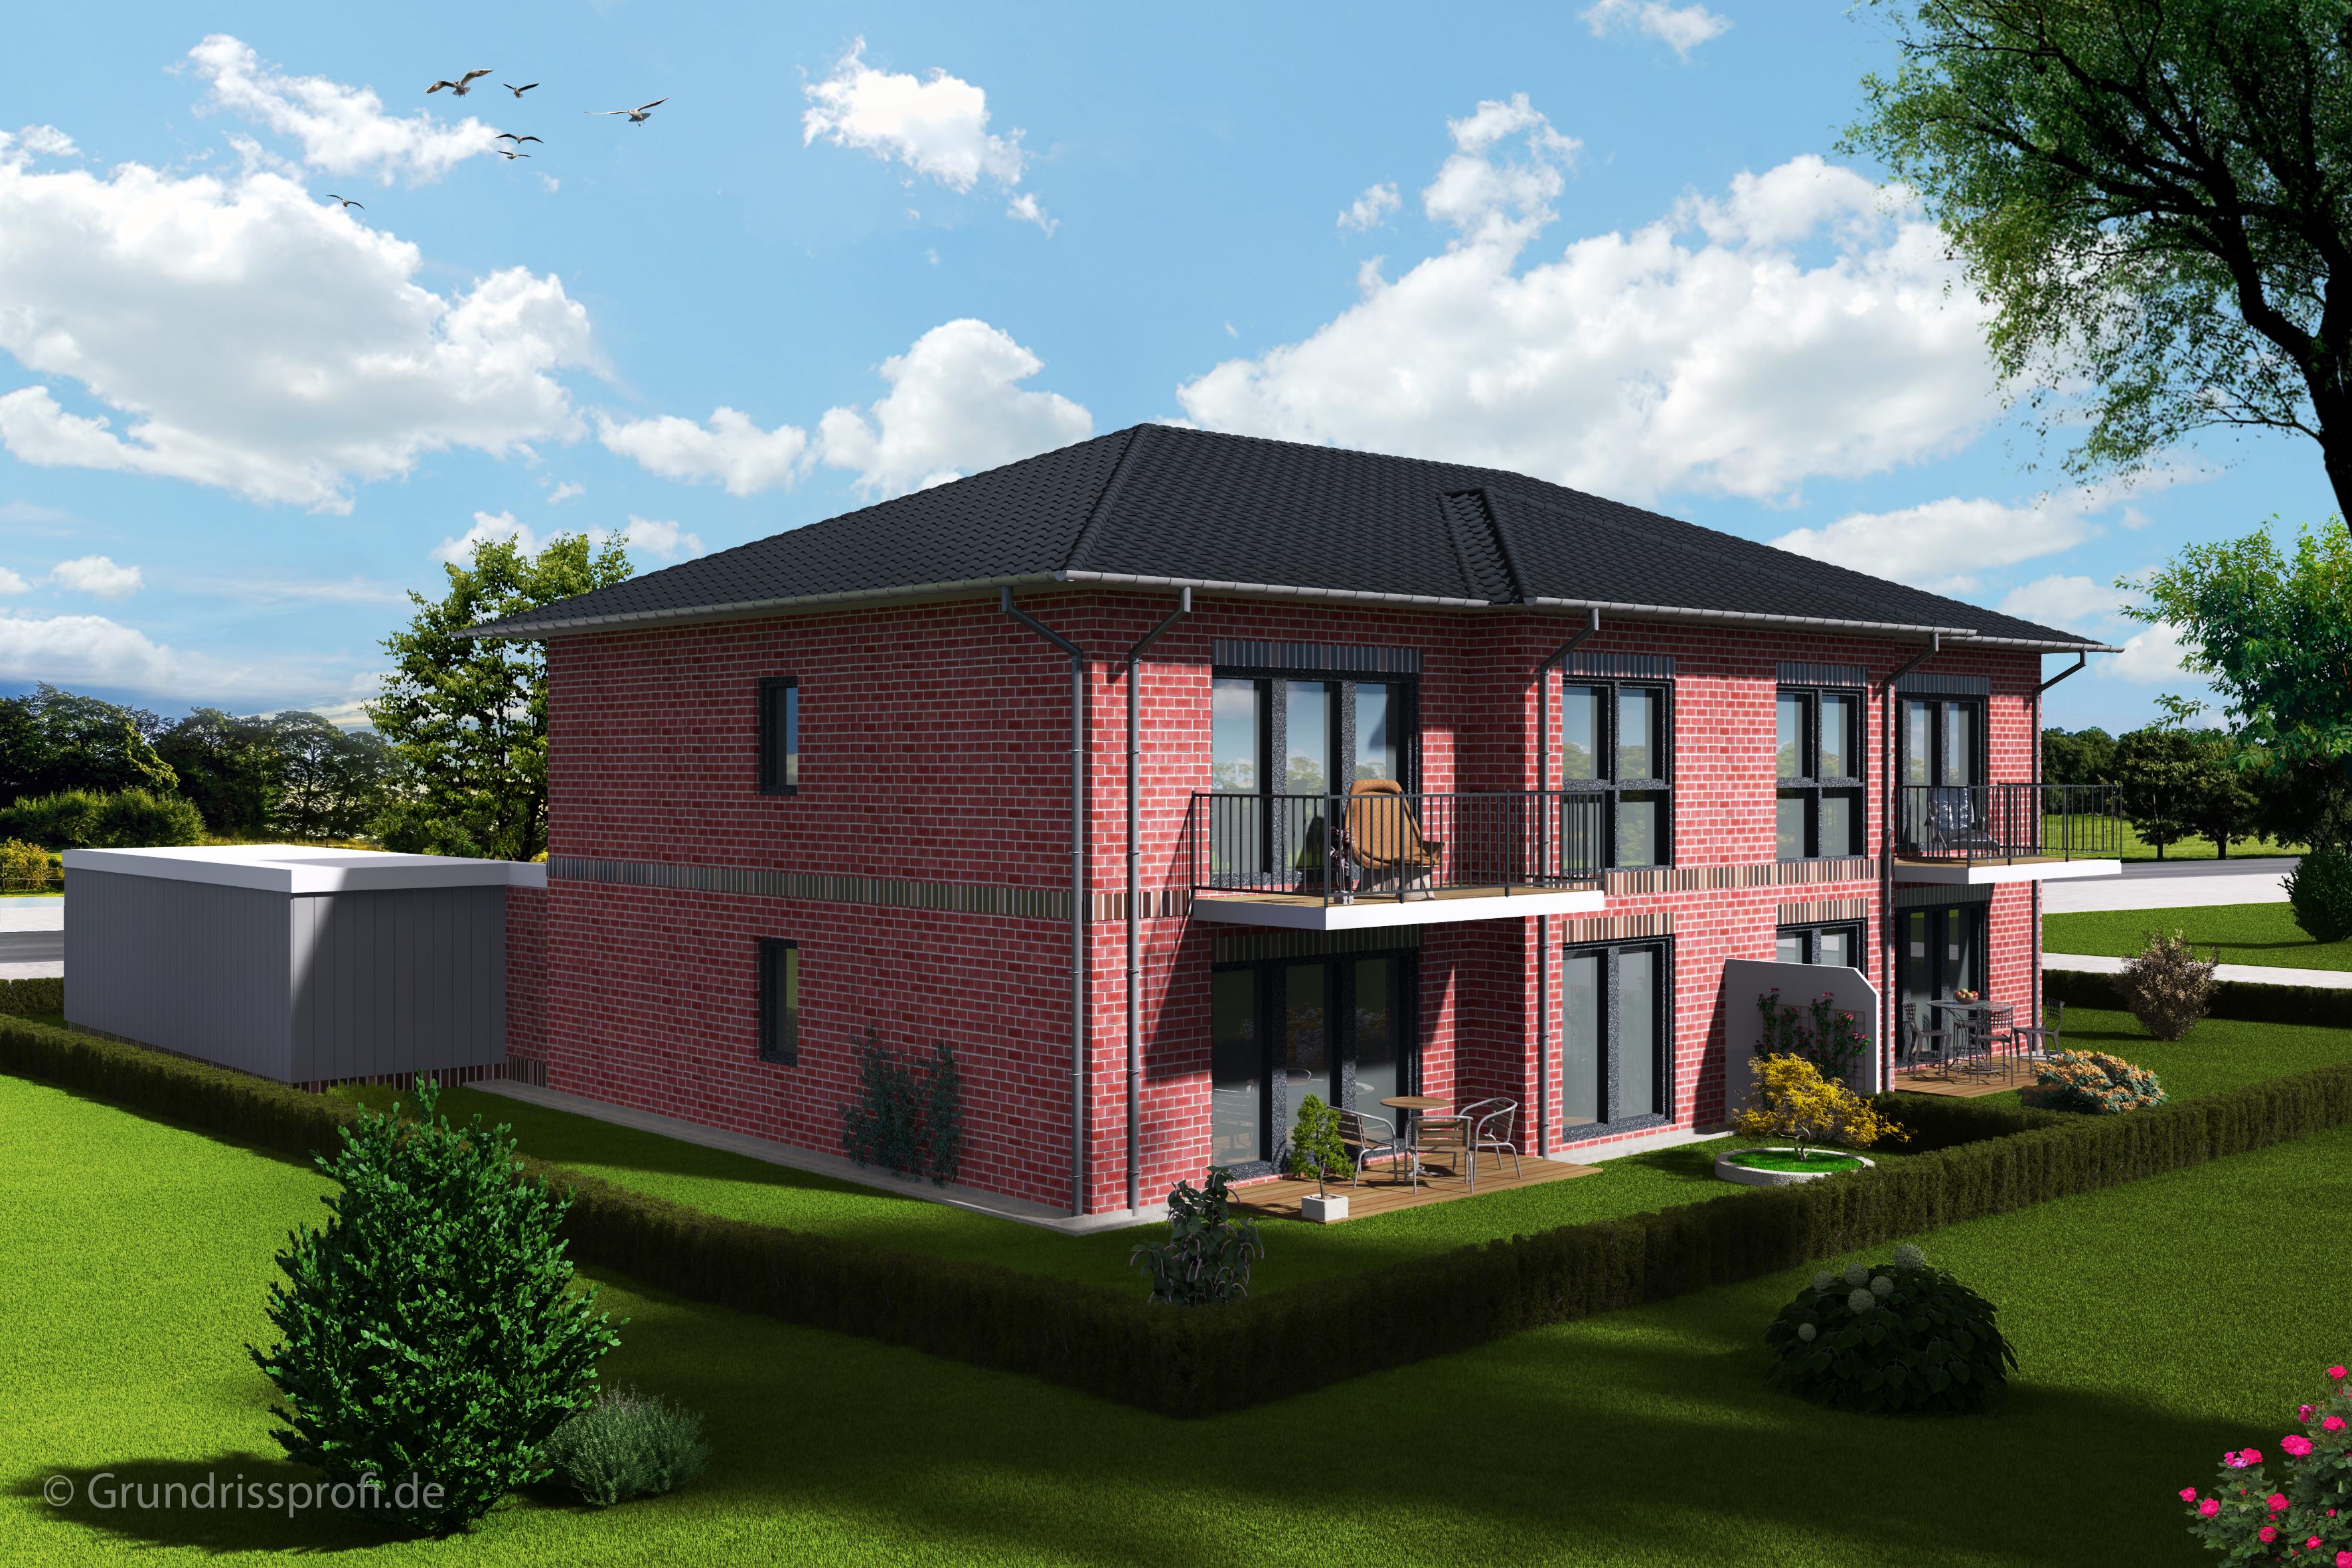 neubau erdgeschosswohnung nach neuestem energiestandard in aurich sandhorst immobilien. Black Bedroom Furniture Sets. Home Design Ideas